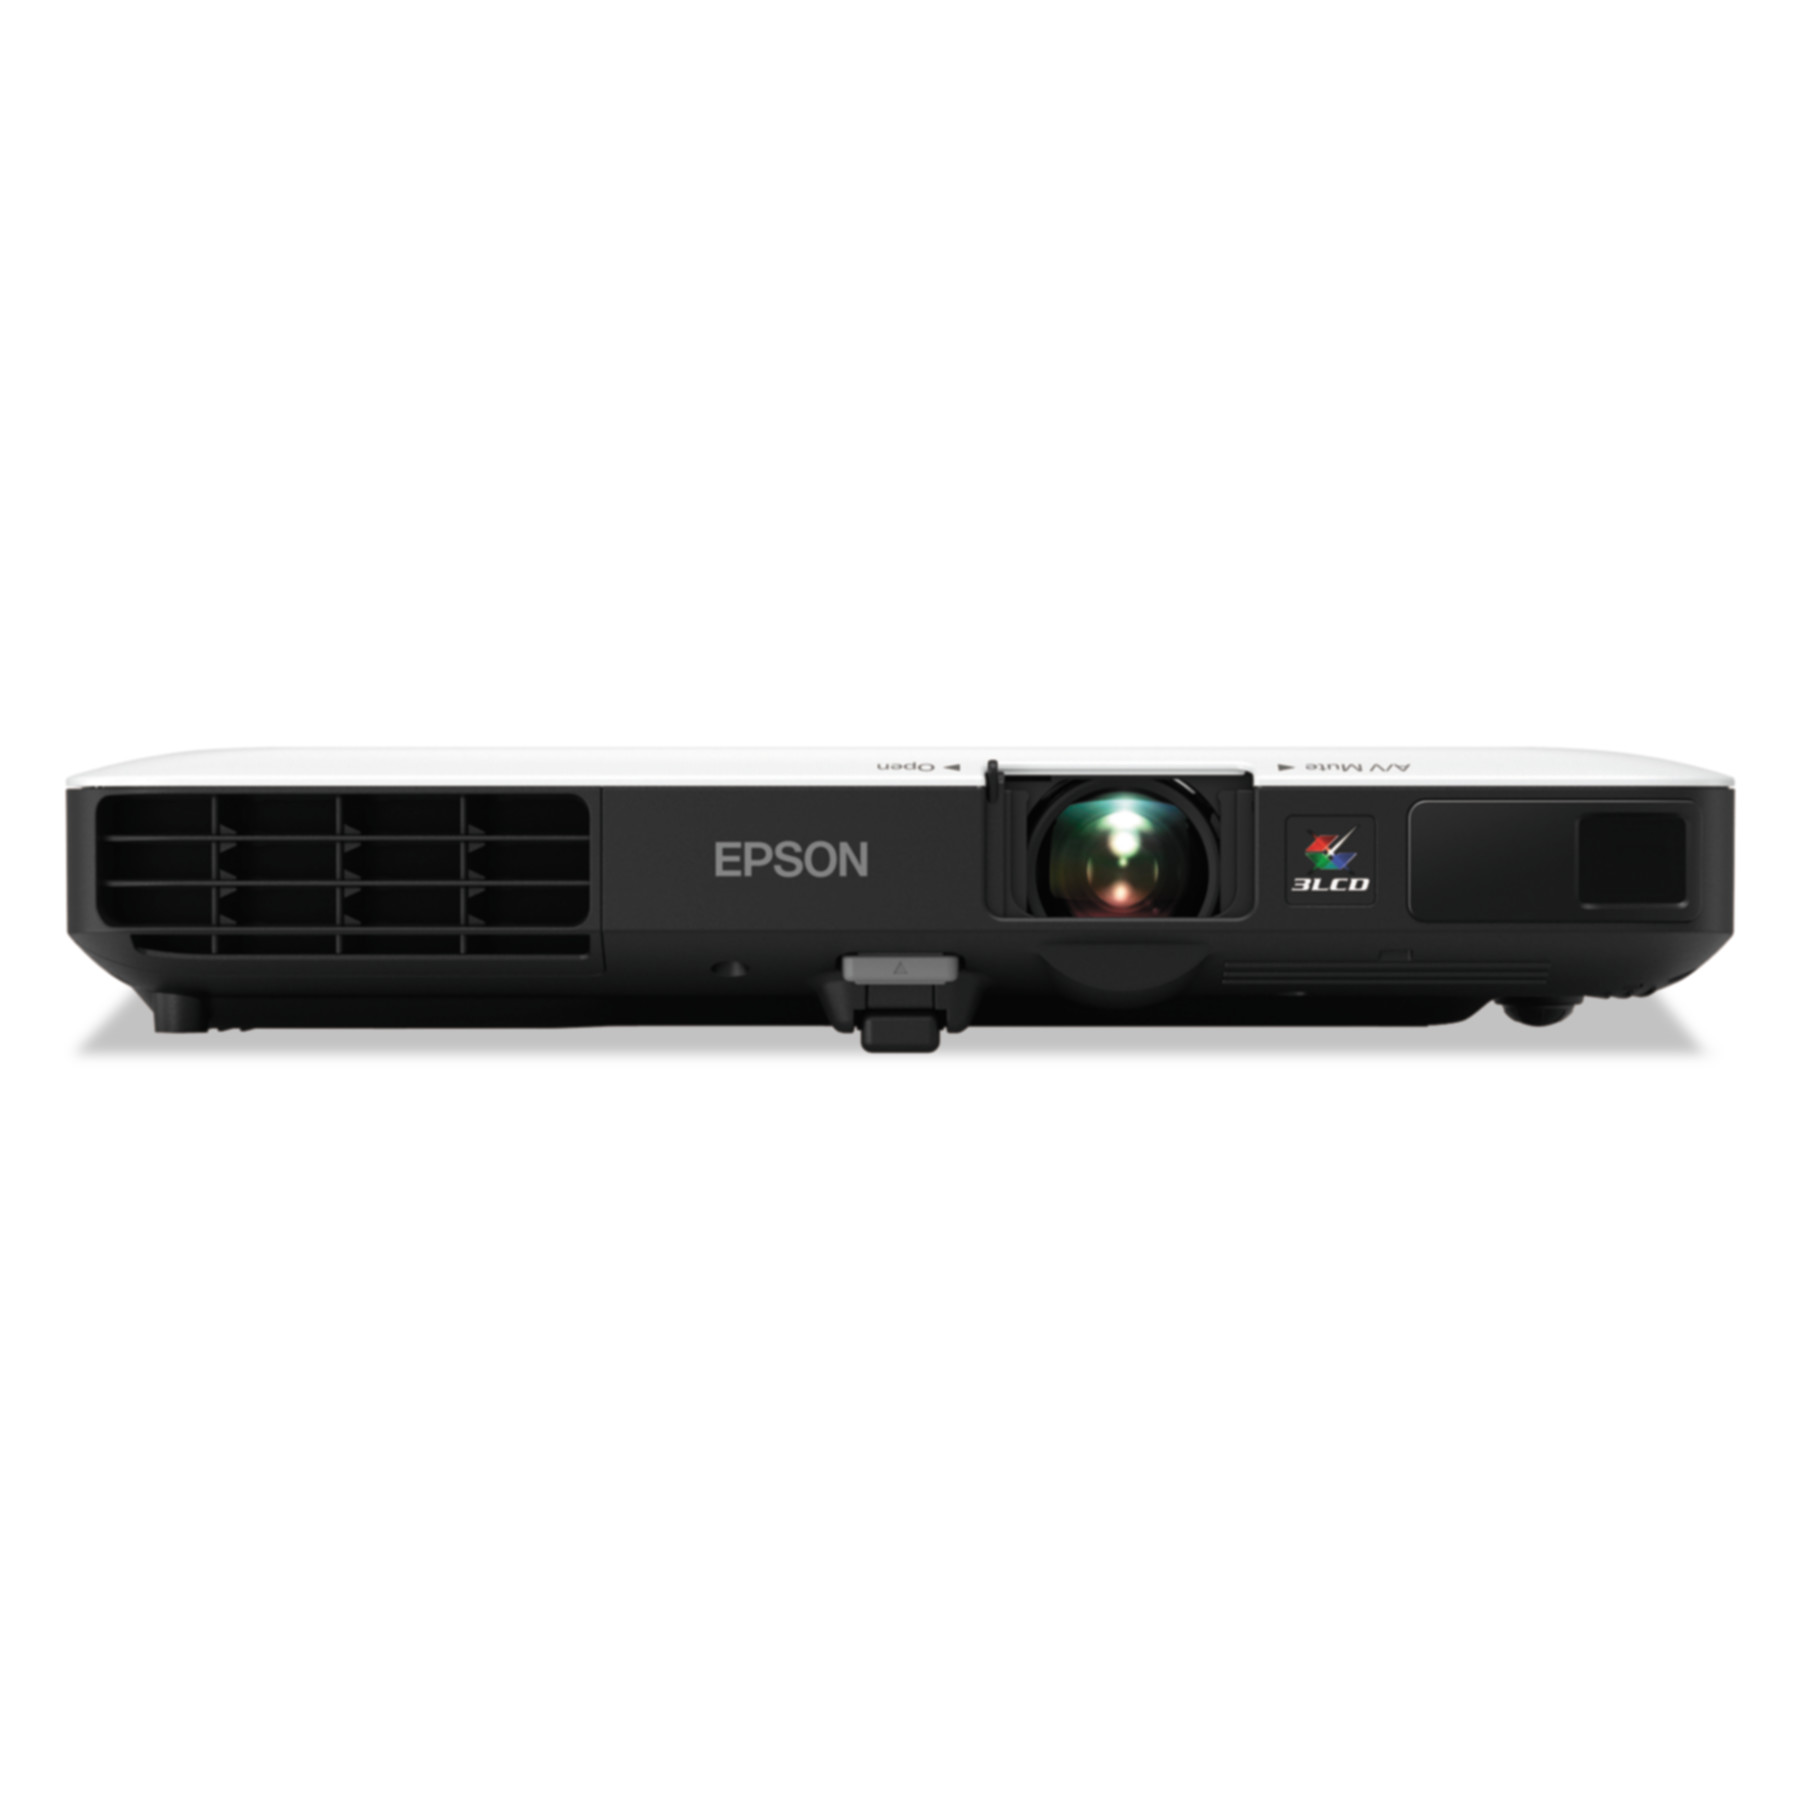 Epson PowerLite 1785W Wireless WXGA 3LCD Projector,3200 Lm,1280 x 800 Pixels,1.2x Zoom by EPSON AMERICA, INC.